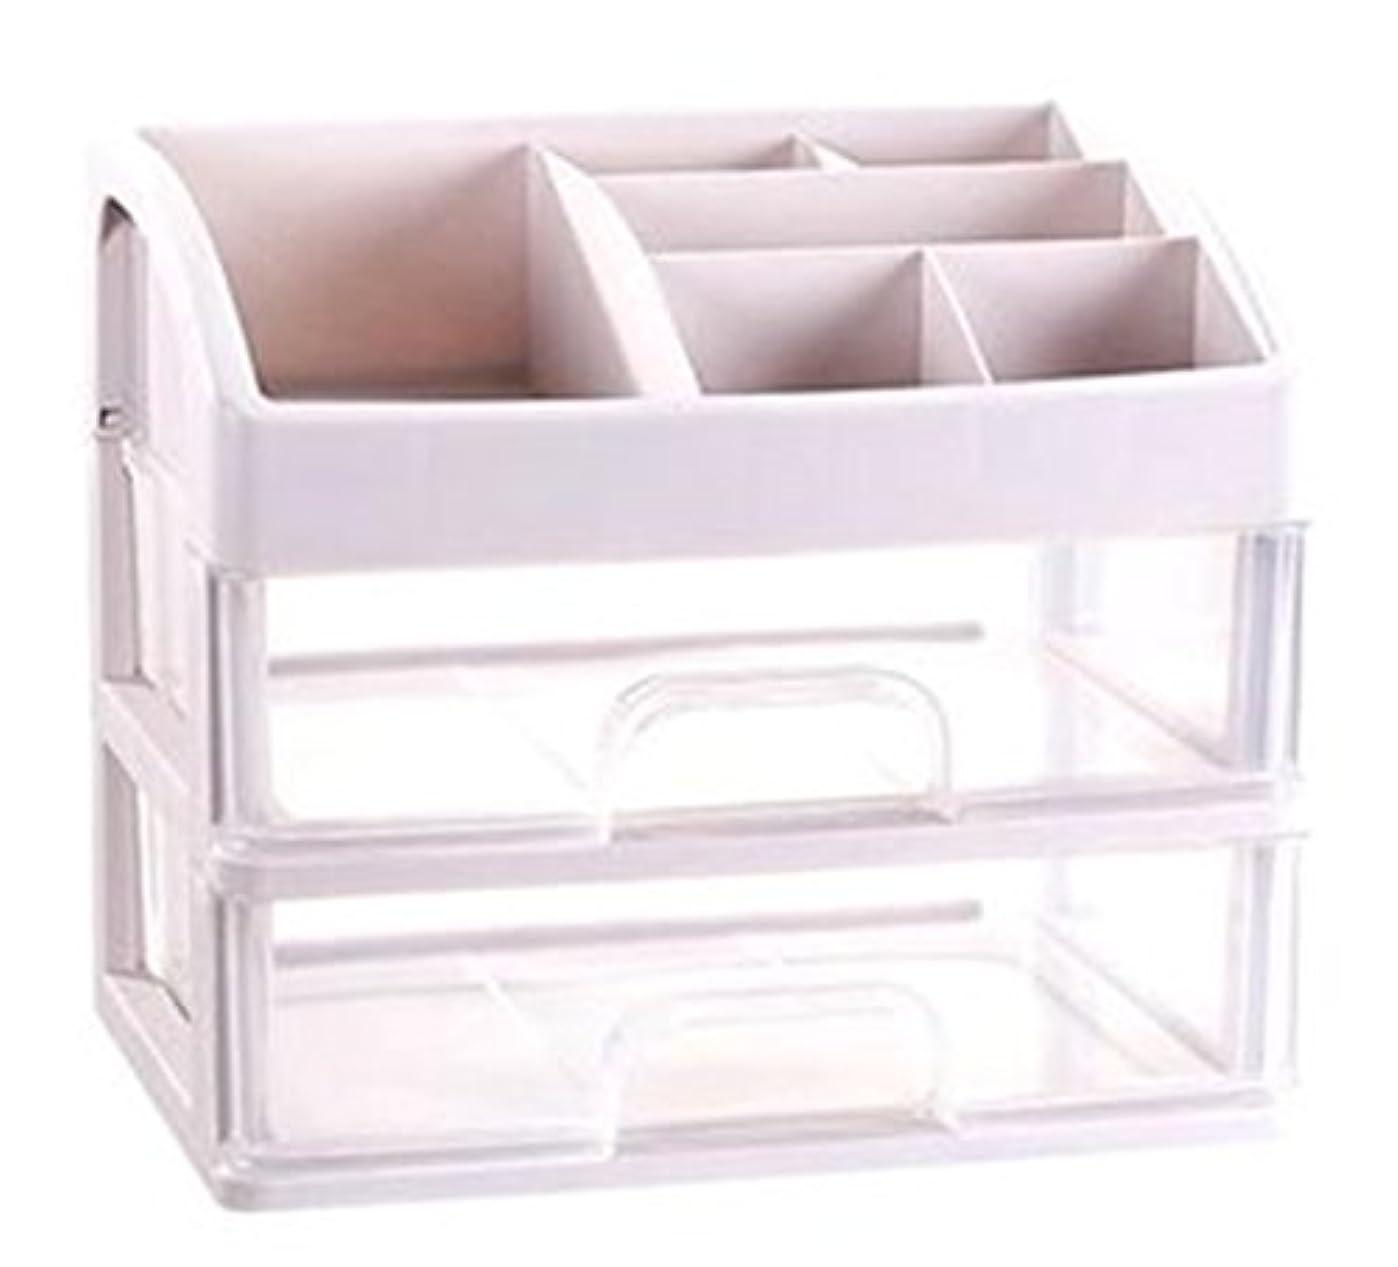 執着ハッチこのZUOMAメークボックス 化粧品収納ボックス コスメスタンド 引き出し式 メークケース 小物/化粧品入れ コスメ収納 透明アクリル 大容量 (クリア27.6*20*23.8CM(2層))